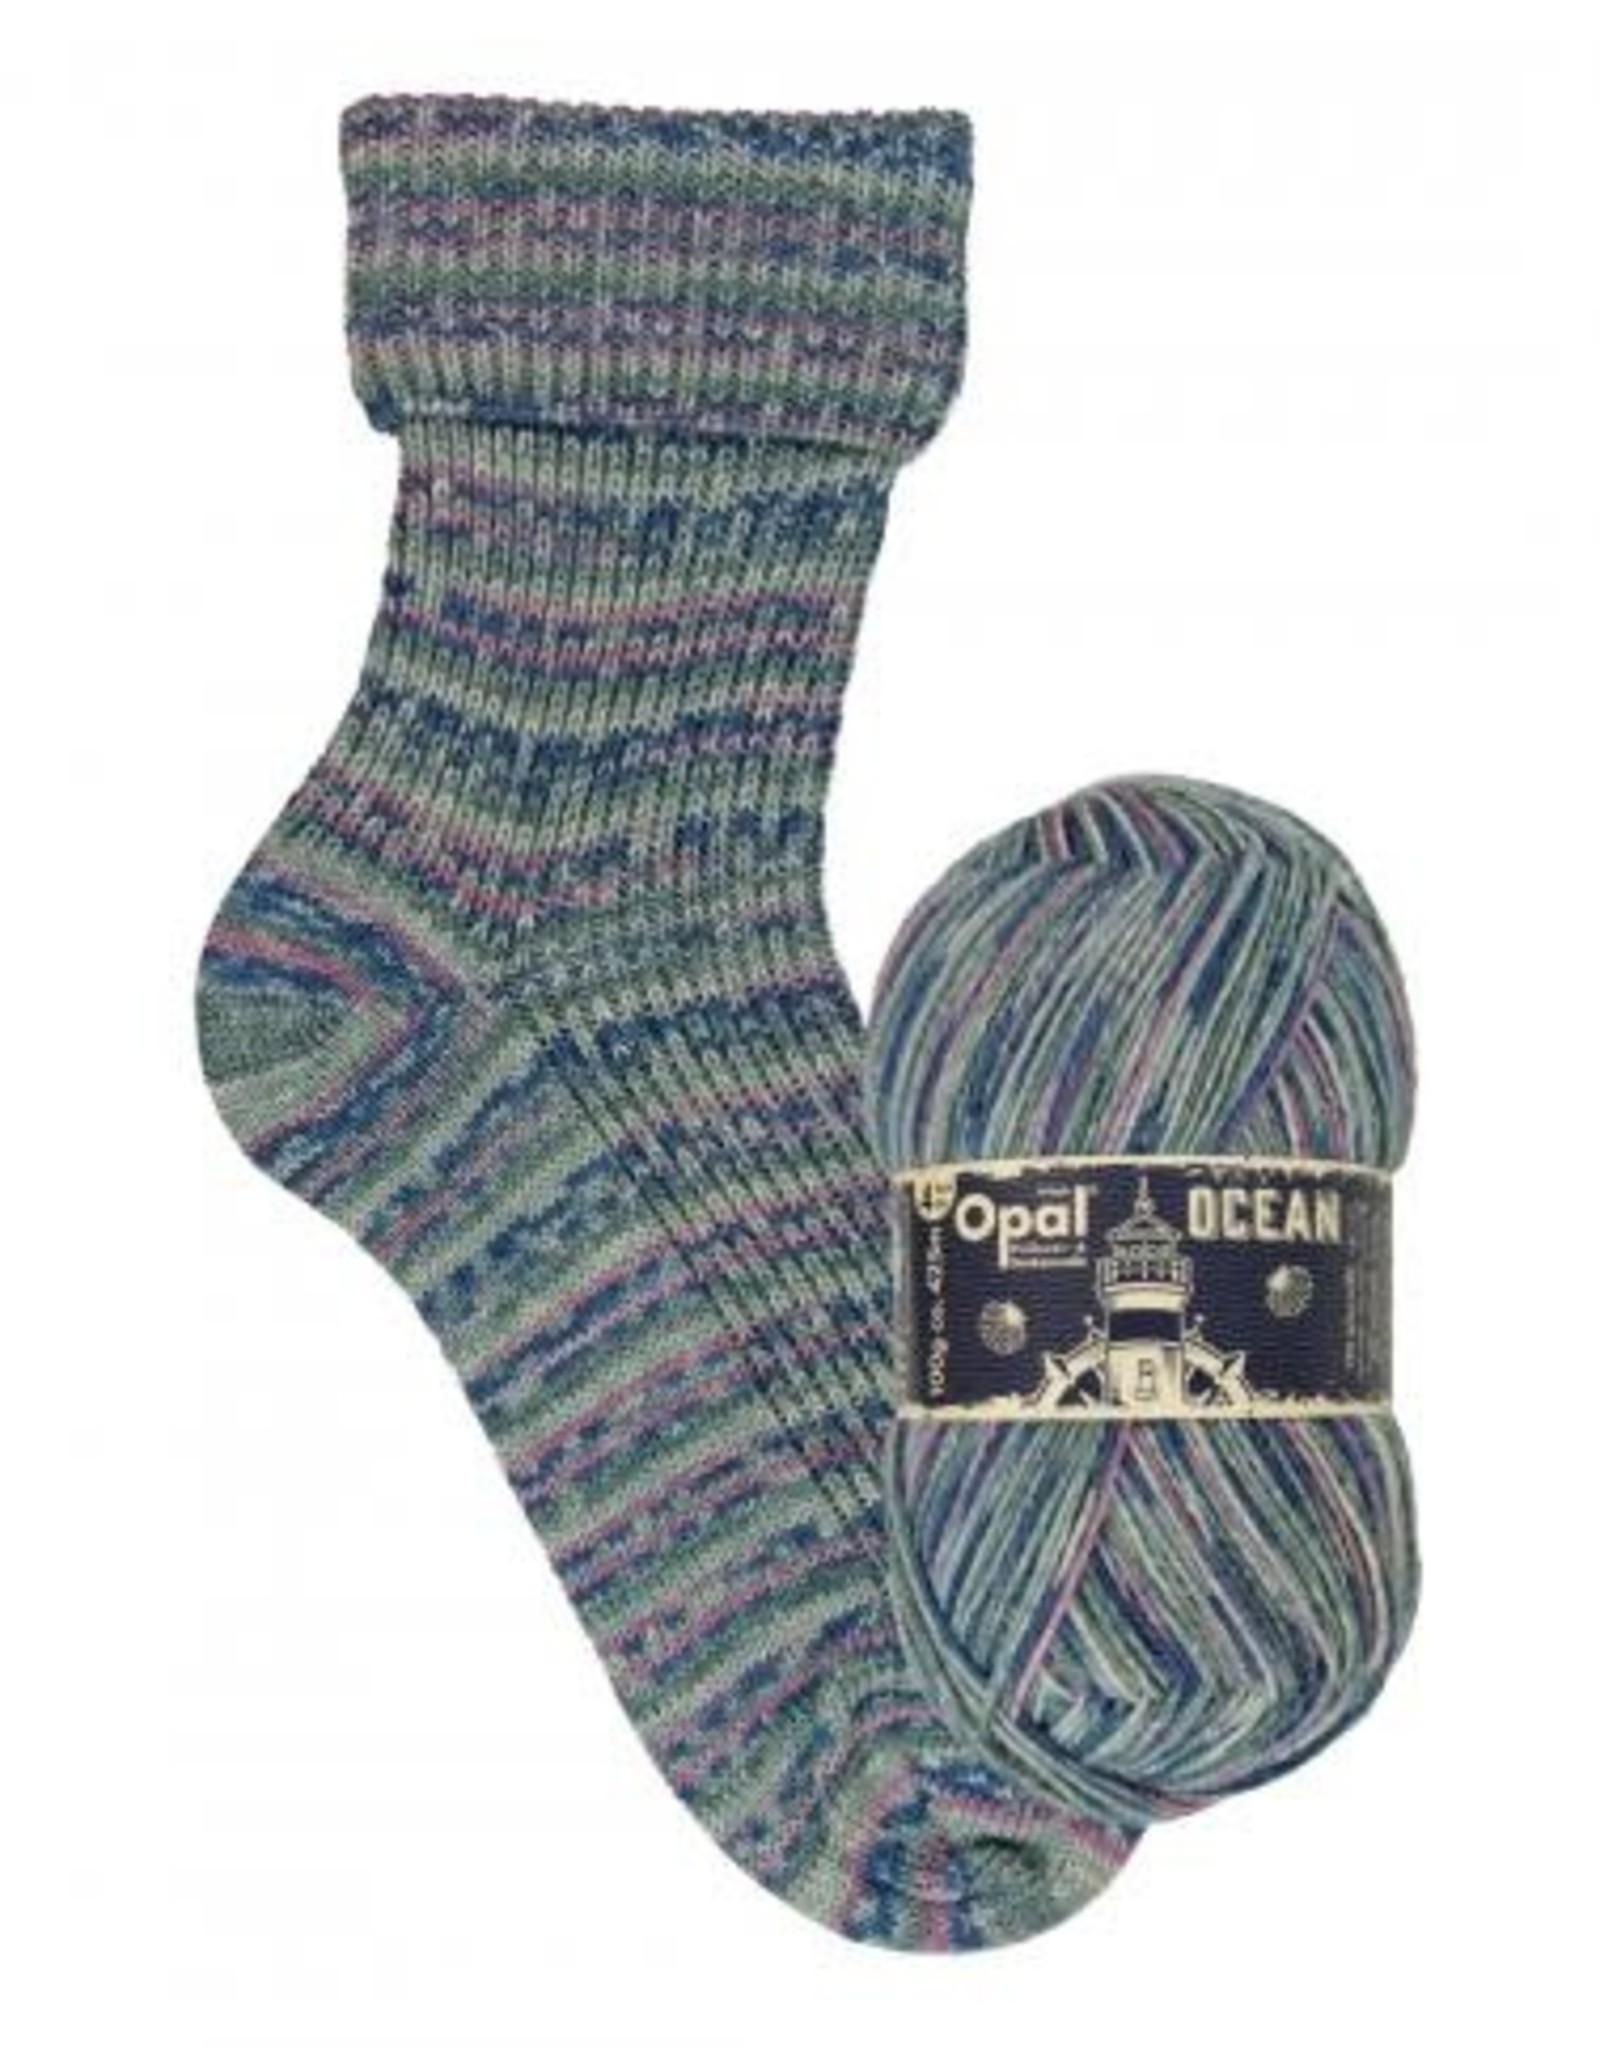 Opal Ocean 9971